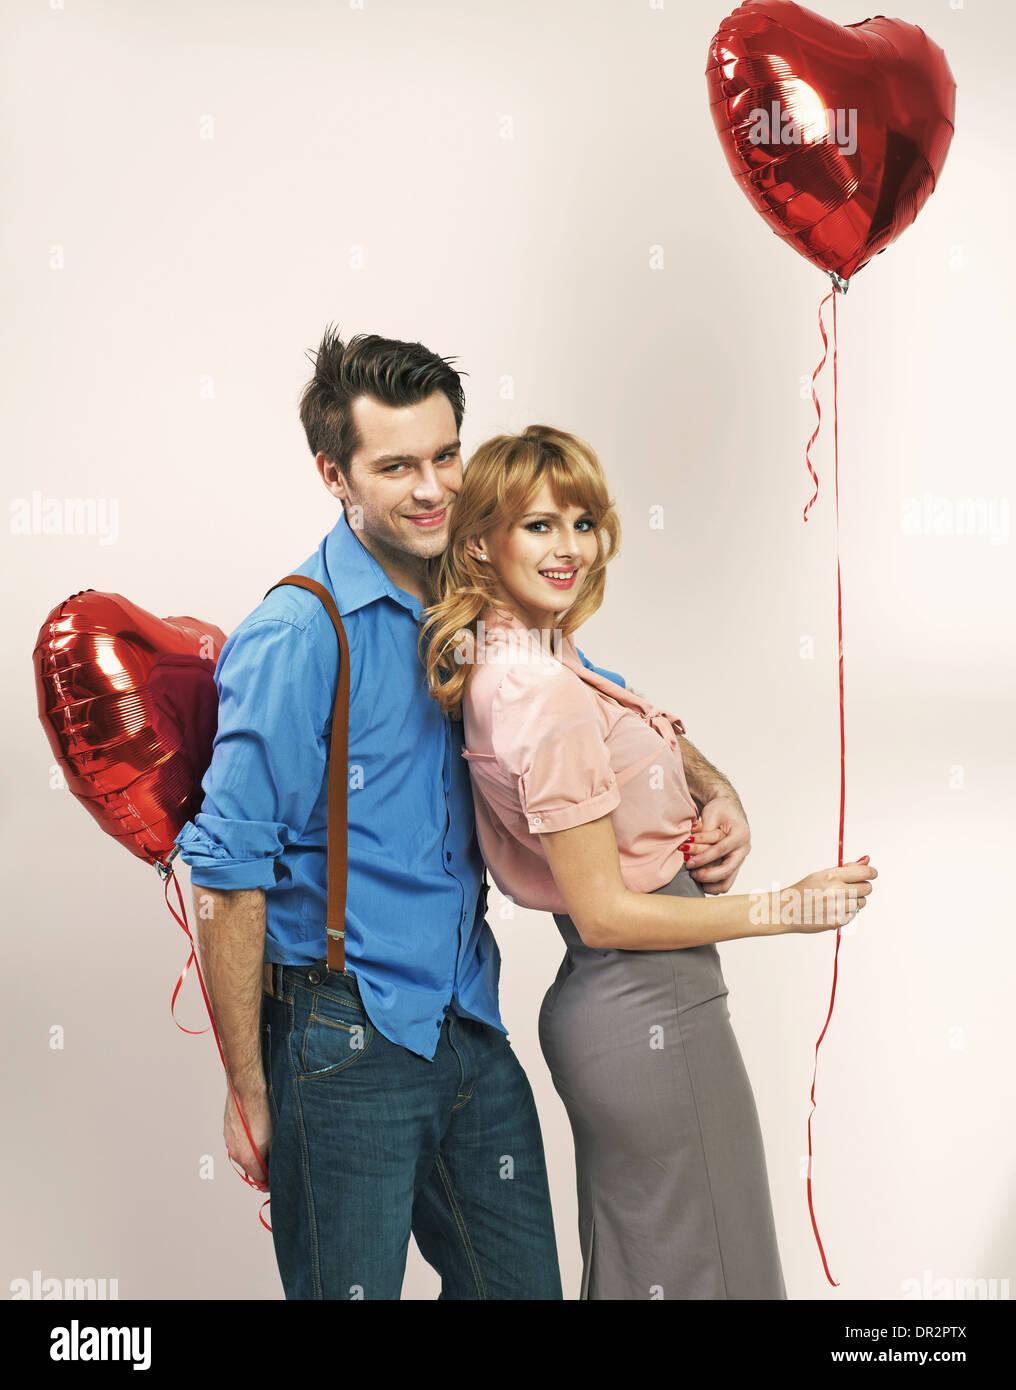 Amorevole coppia giovane durante il giorno di san valentino Immagini Stock